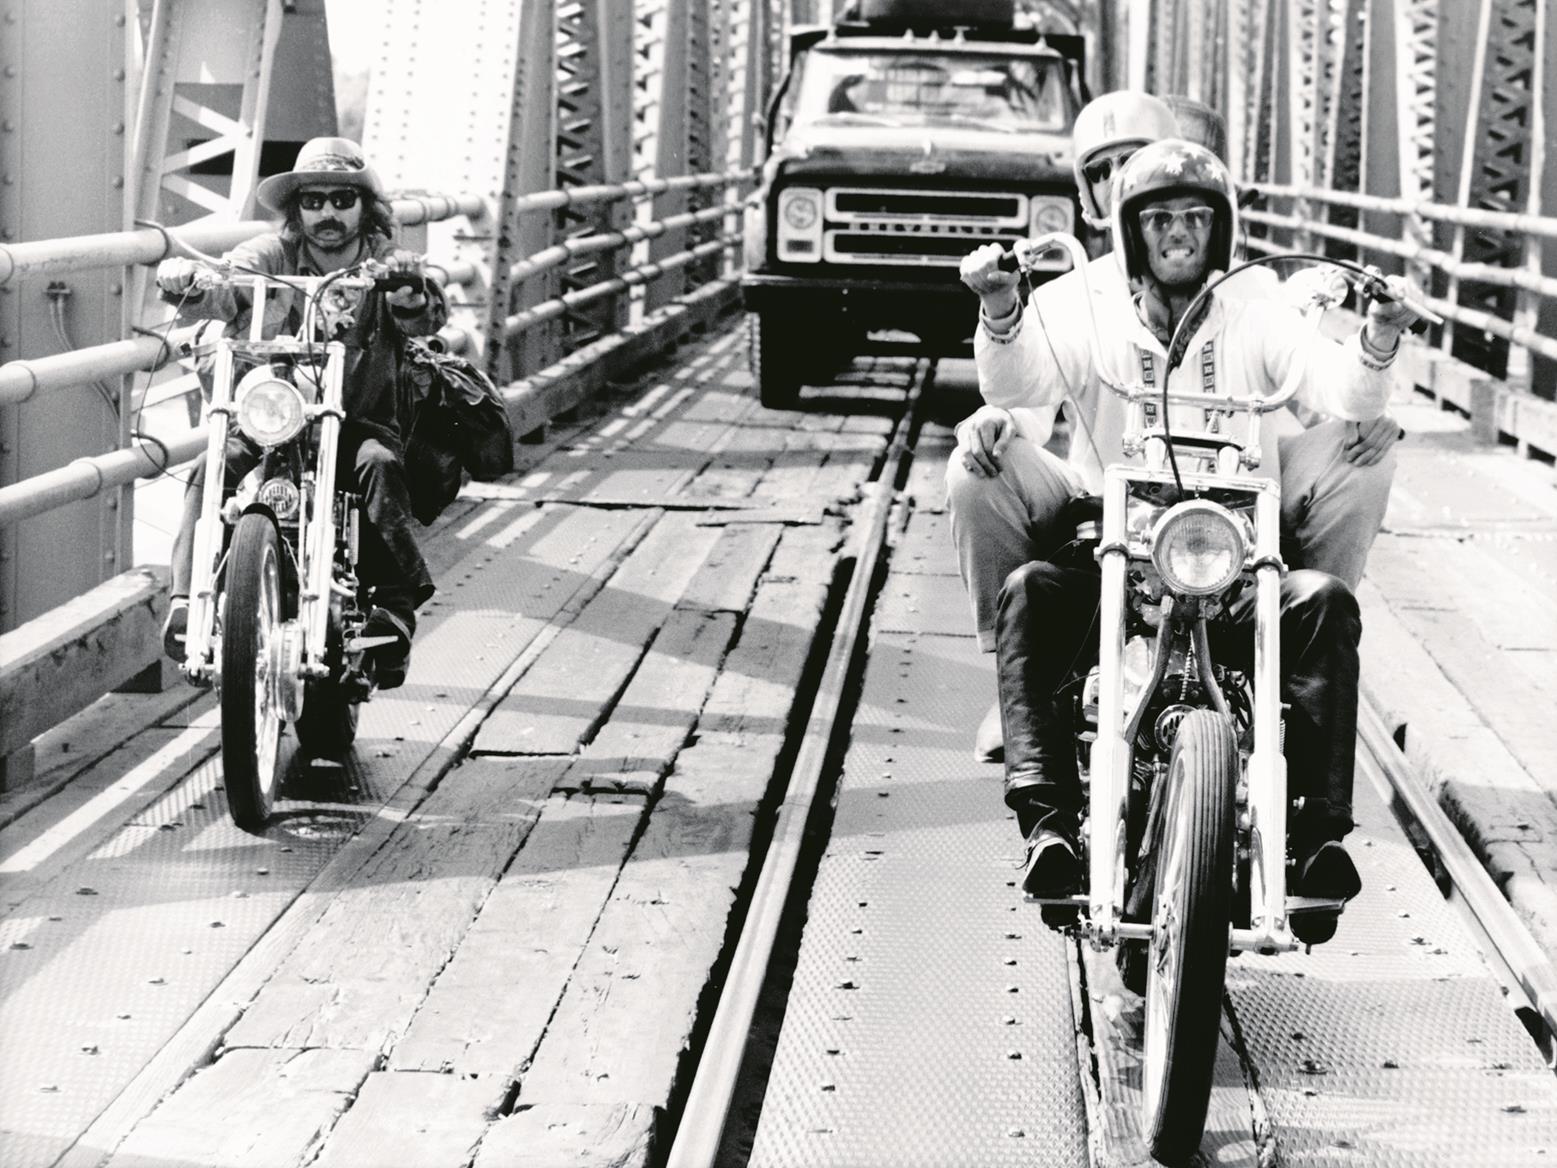 Peter Fonda and Dennis Hopper riding Captain America and Billy Bike